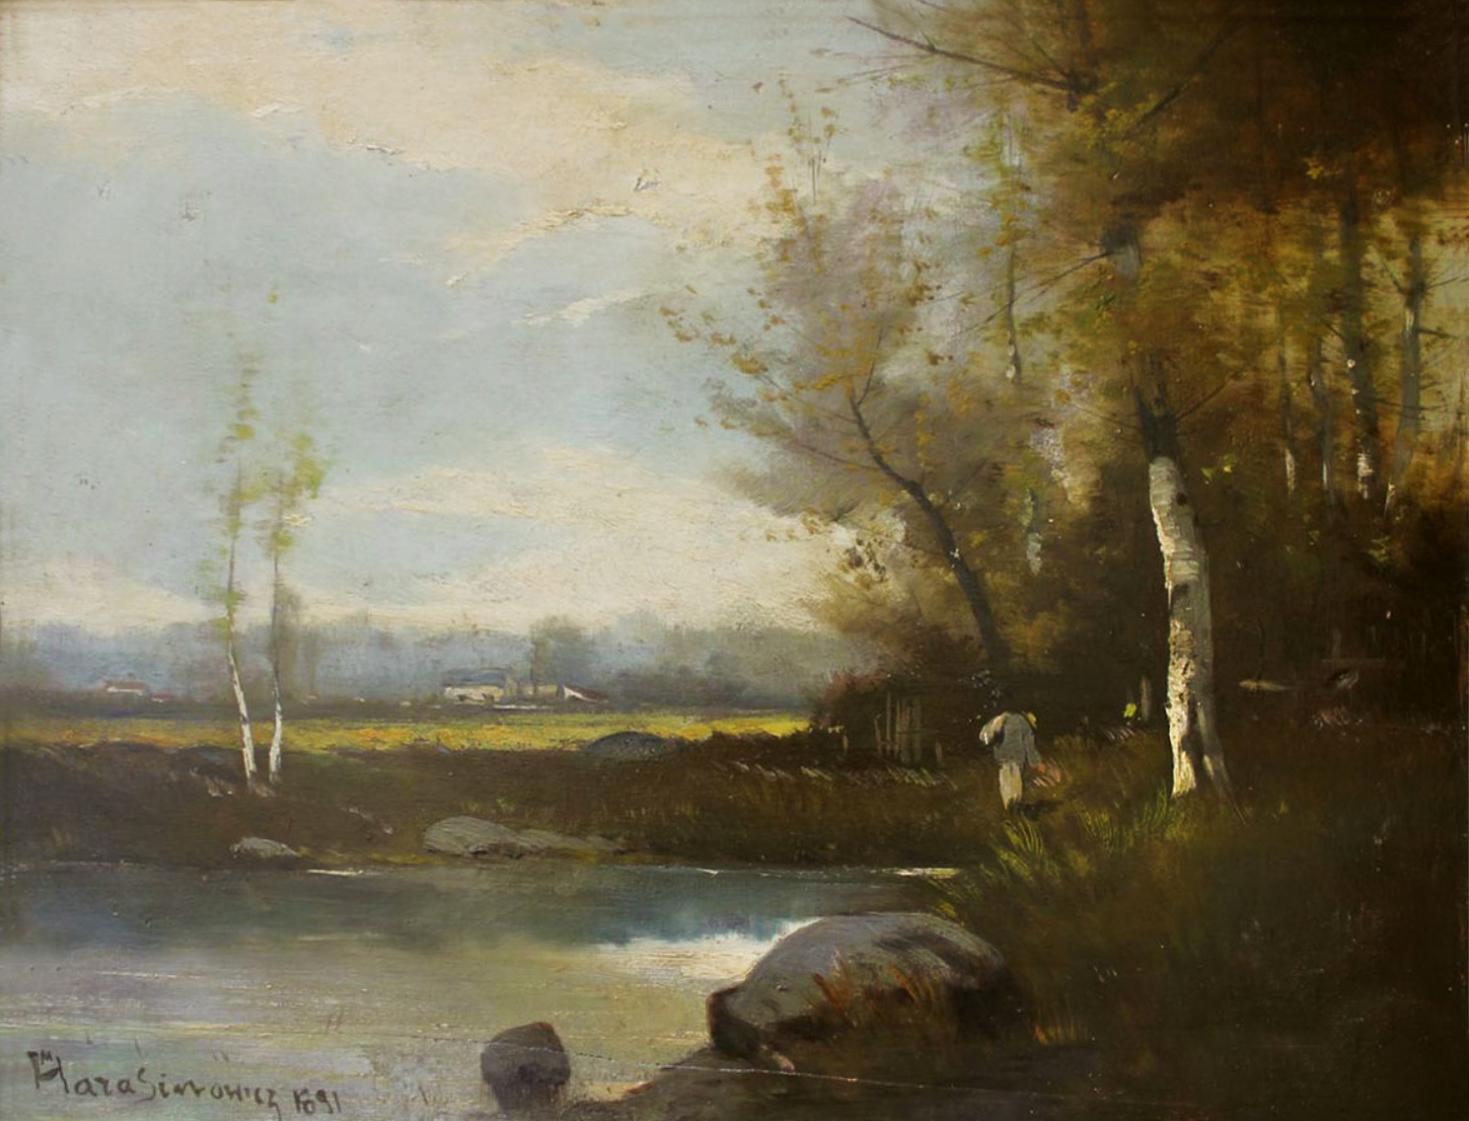 Марцелій Гарасимович. Пейзаж, 1891; олія на деревяній основі, 32х41 см